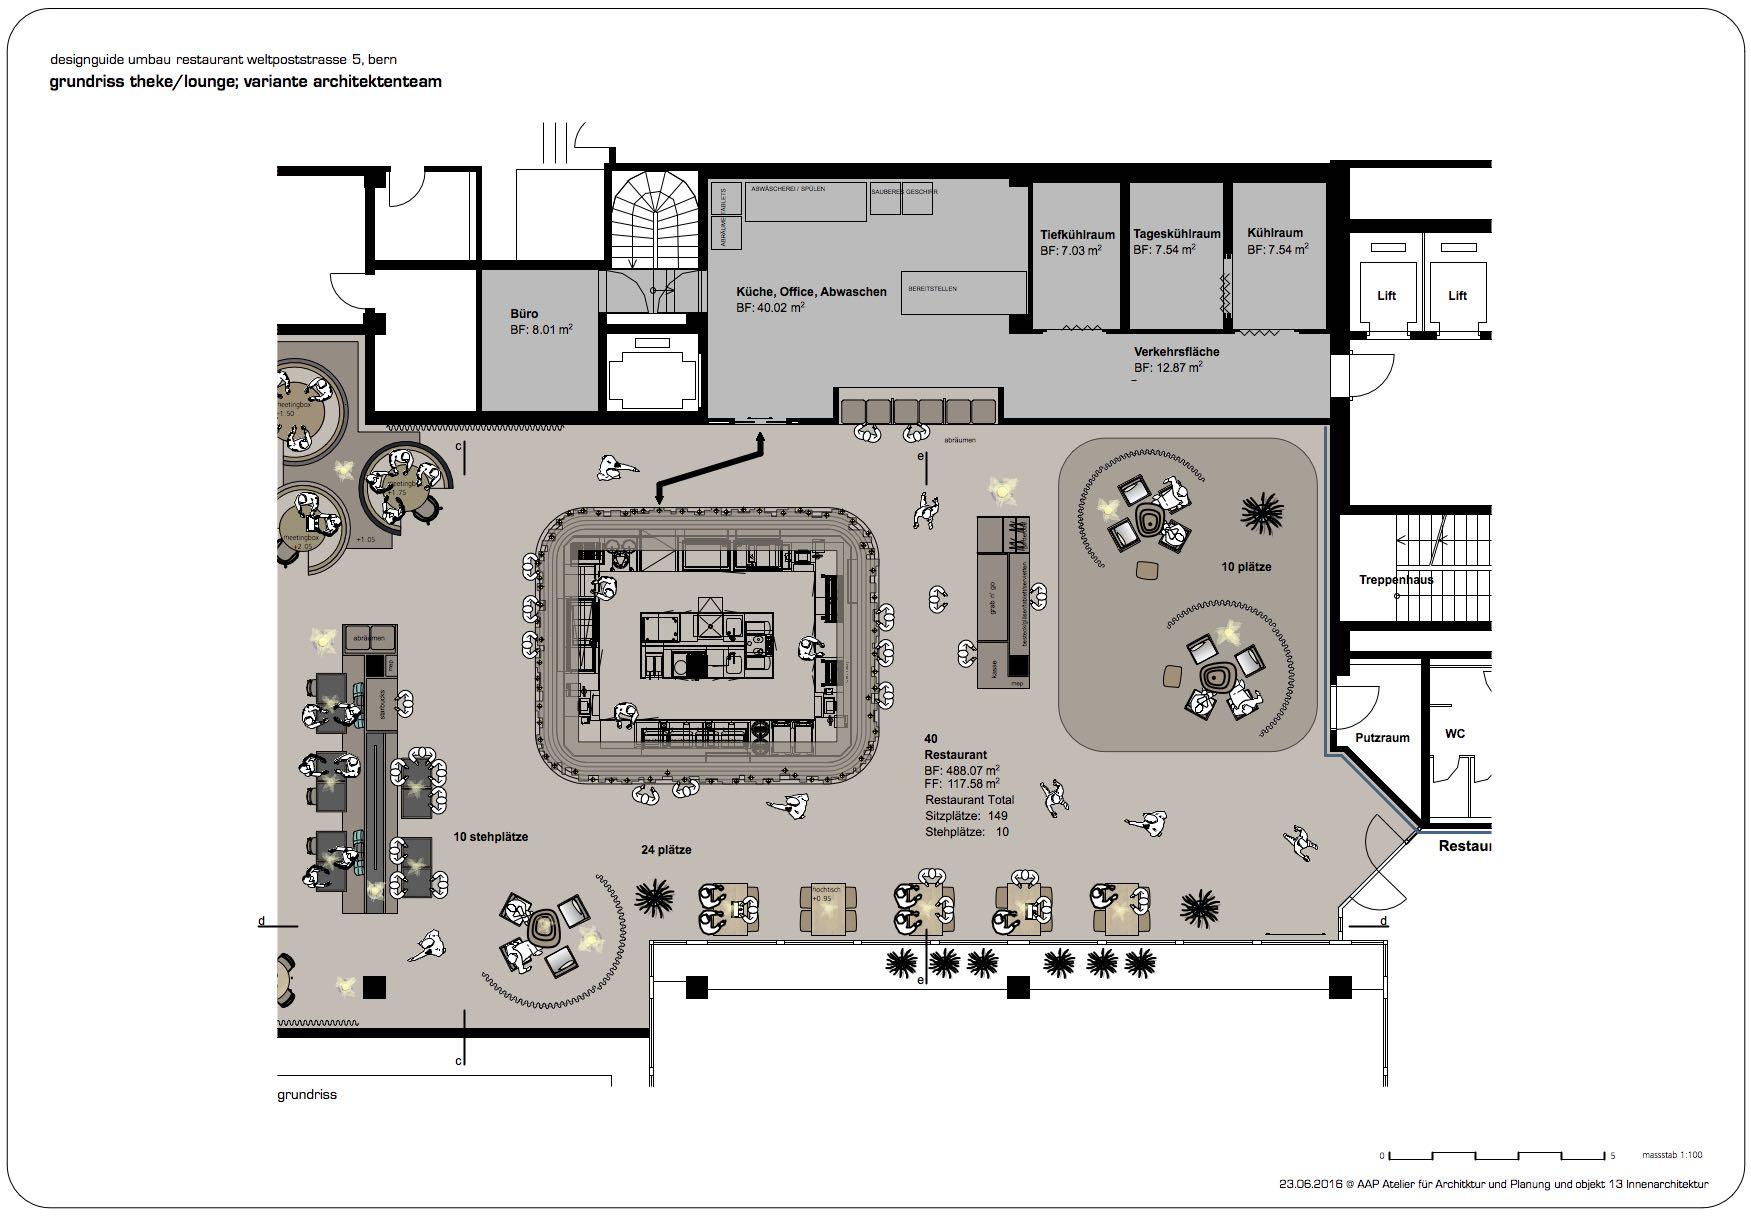 restaurant-gastrokonzept-bern-zürich-innenarchitektur-innenarchitekt-objekt-13-04